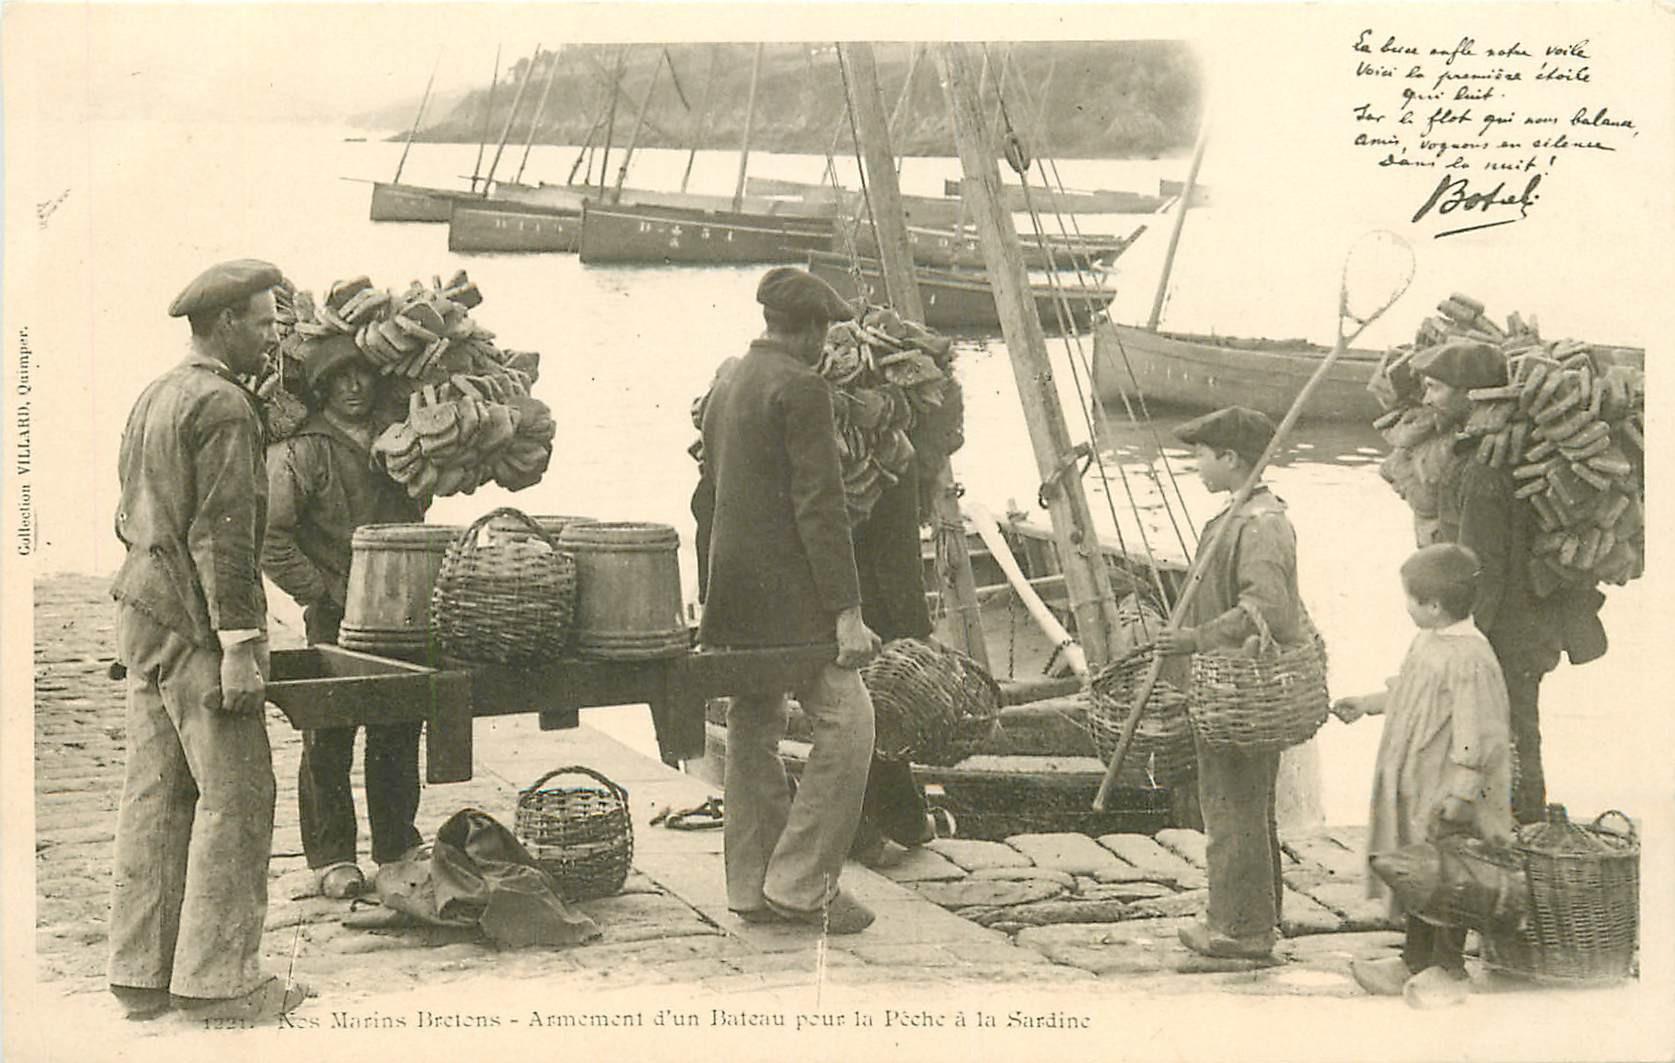 WW 29 Nos Marins Bretons armement d'un Bateau pour la Pêche à la Sardine vers 1900